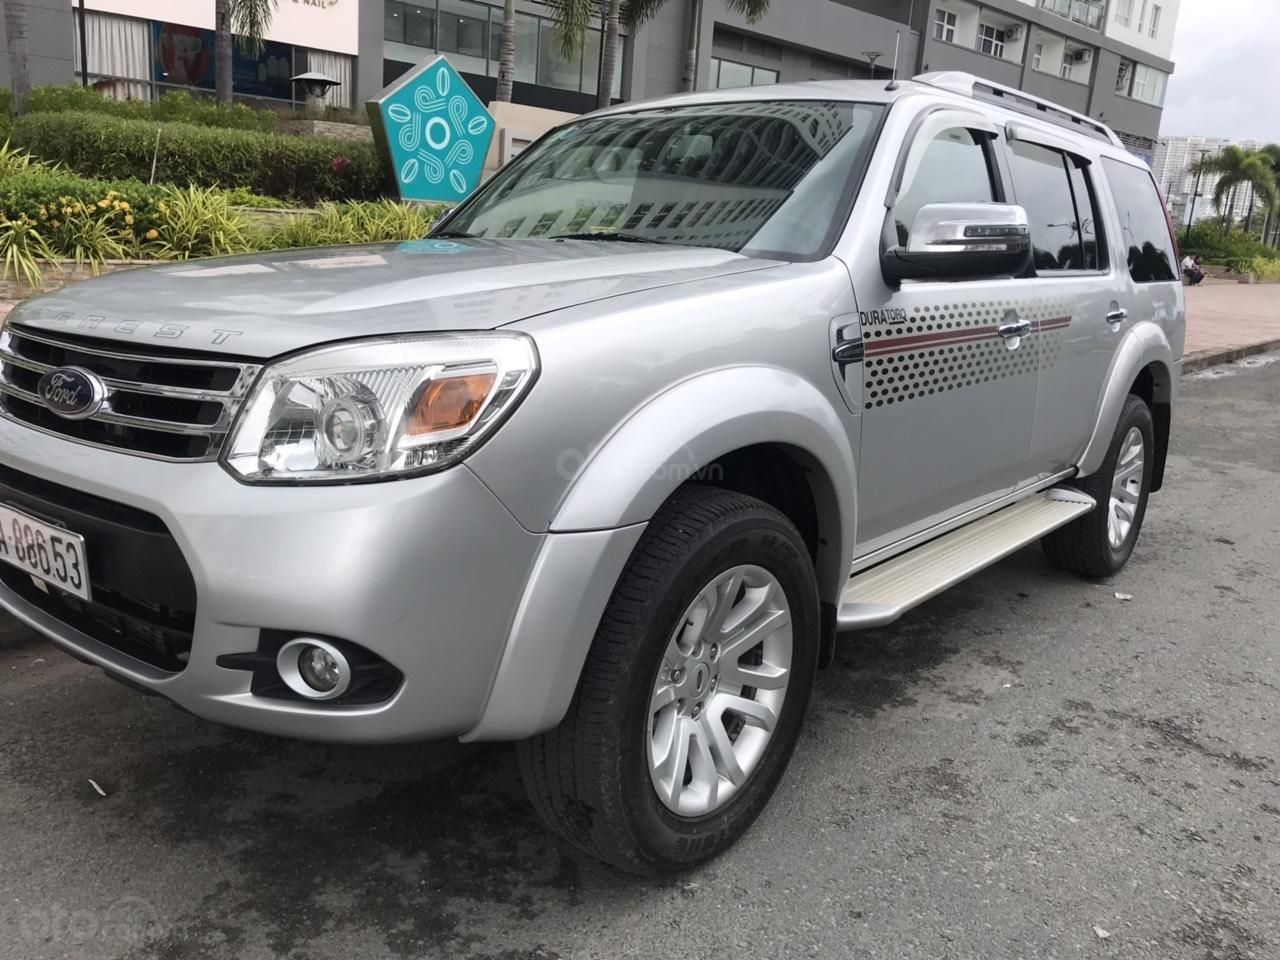 Bán Ford Everest sản xuất năm 2012, màu bạc, số sàn (3)